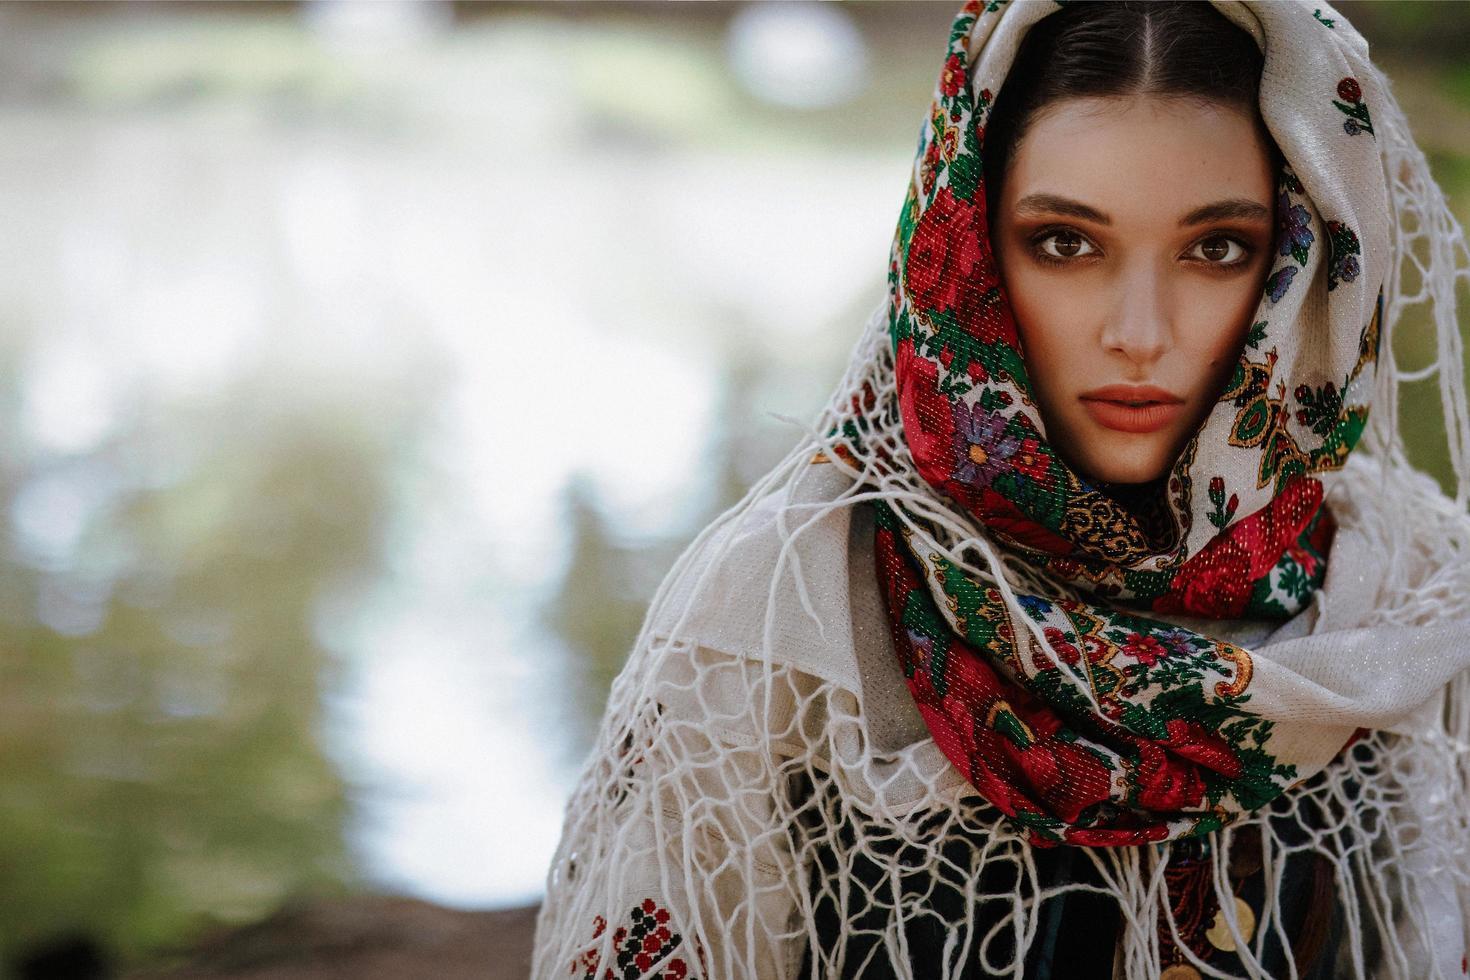 Portrait d'une jeune fille dans une robe ethnique traditionnelle photo